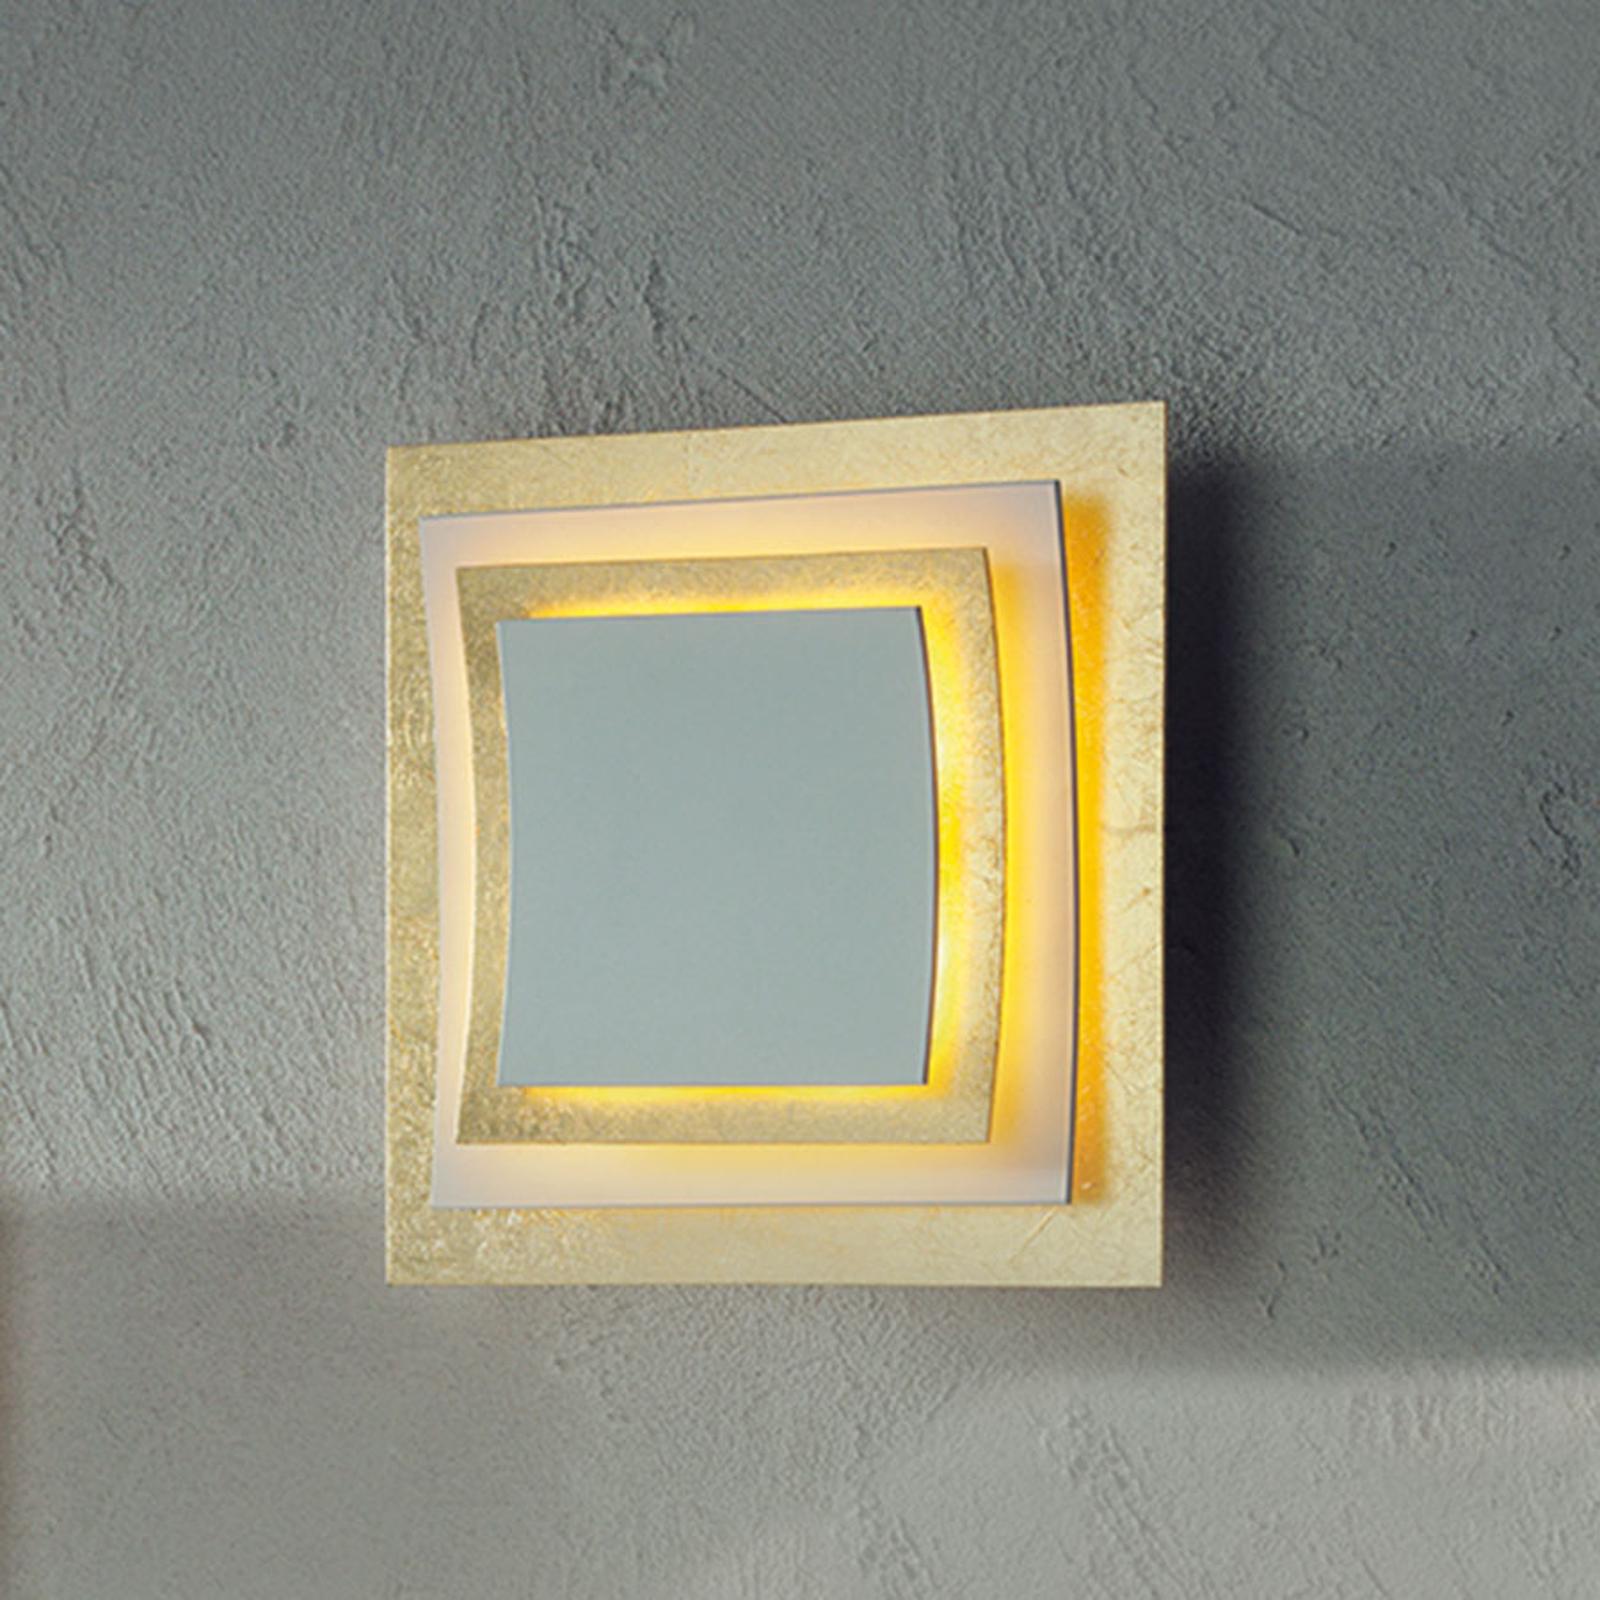 Vägg-/plafondlampa Pages i bladguld, 22 cm